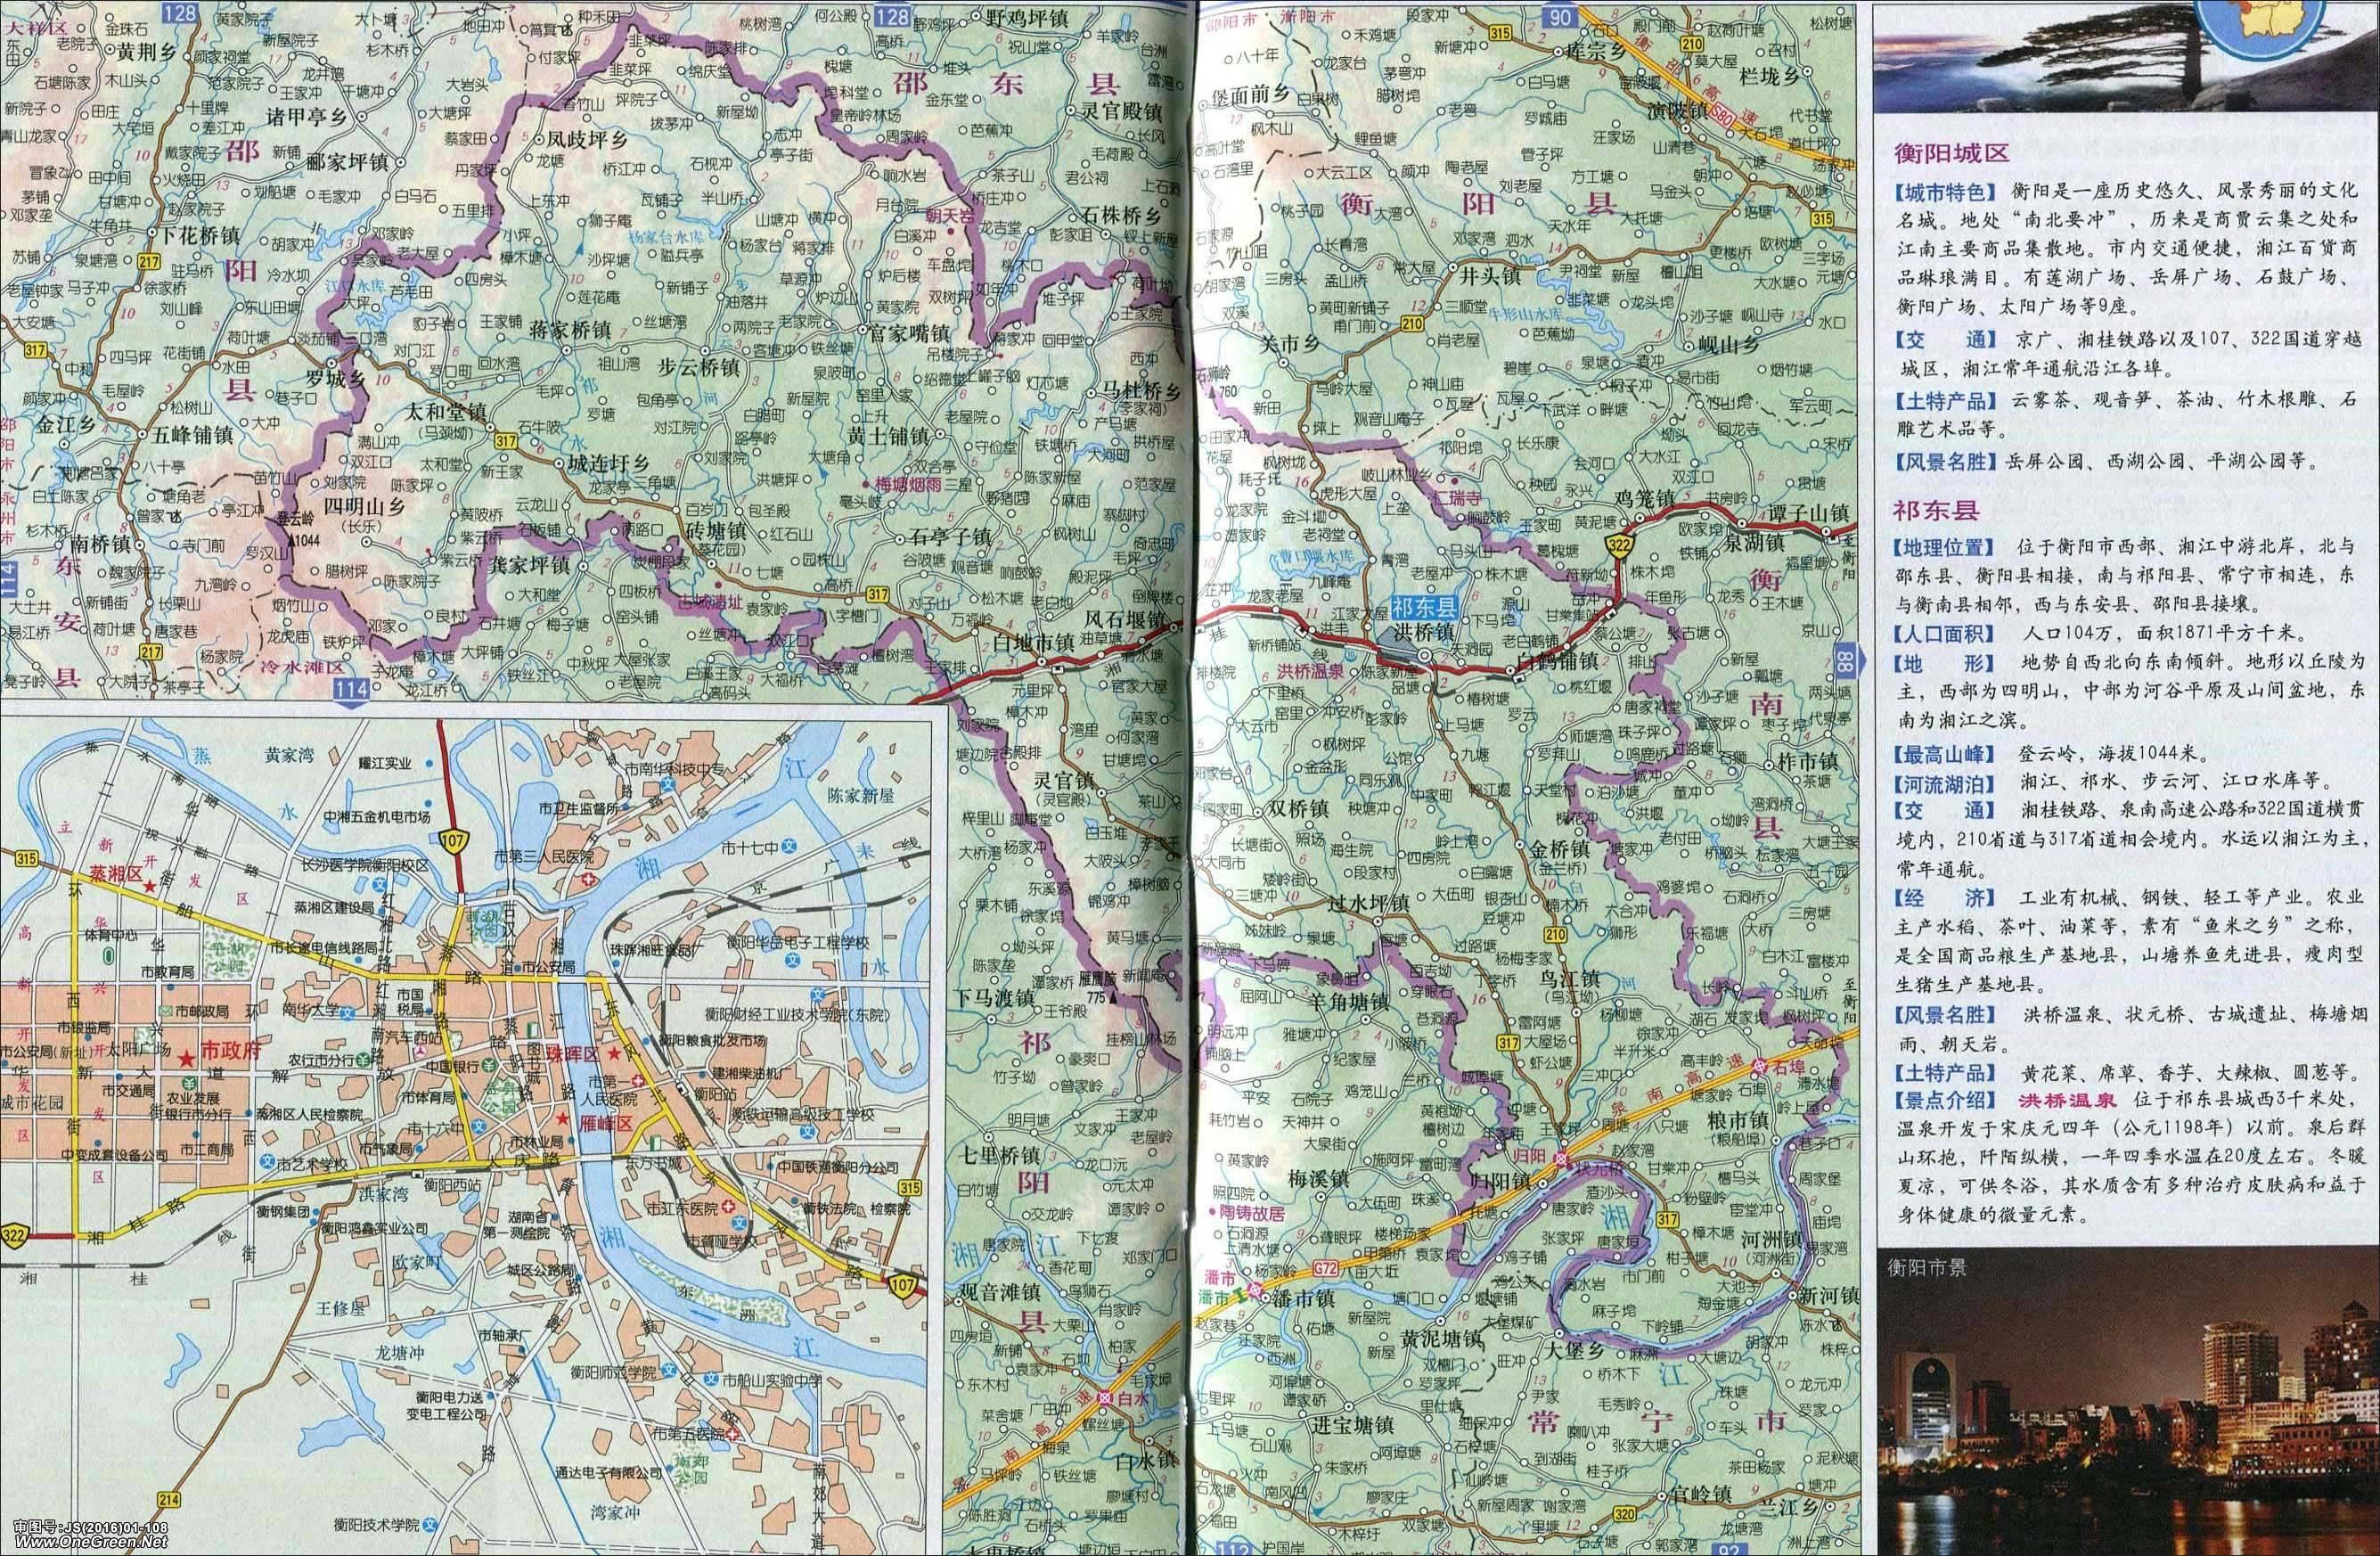 湖南长沙市地图全图_衡阳城区_祁东县地图_衡阳地图库_地图窝